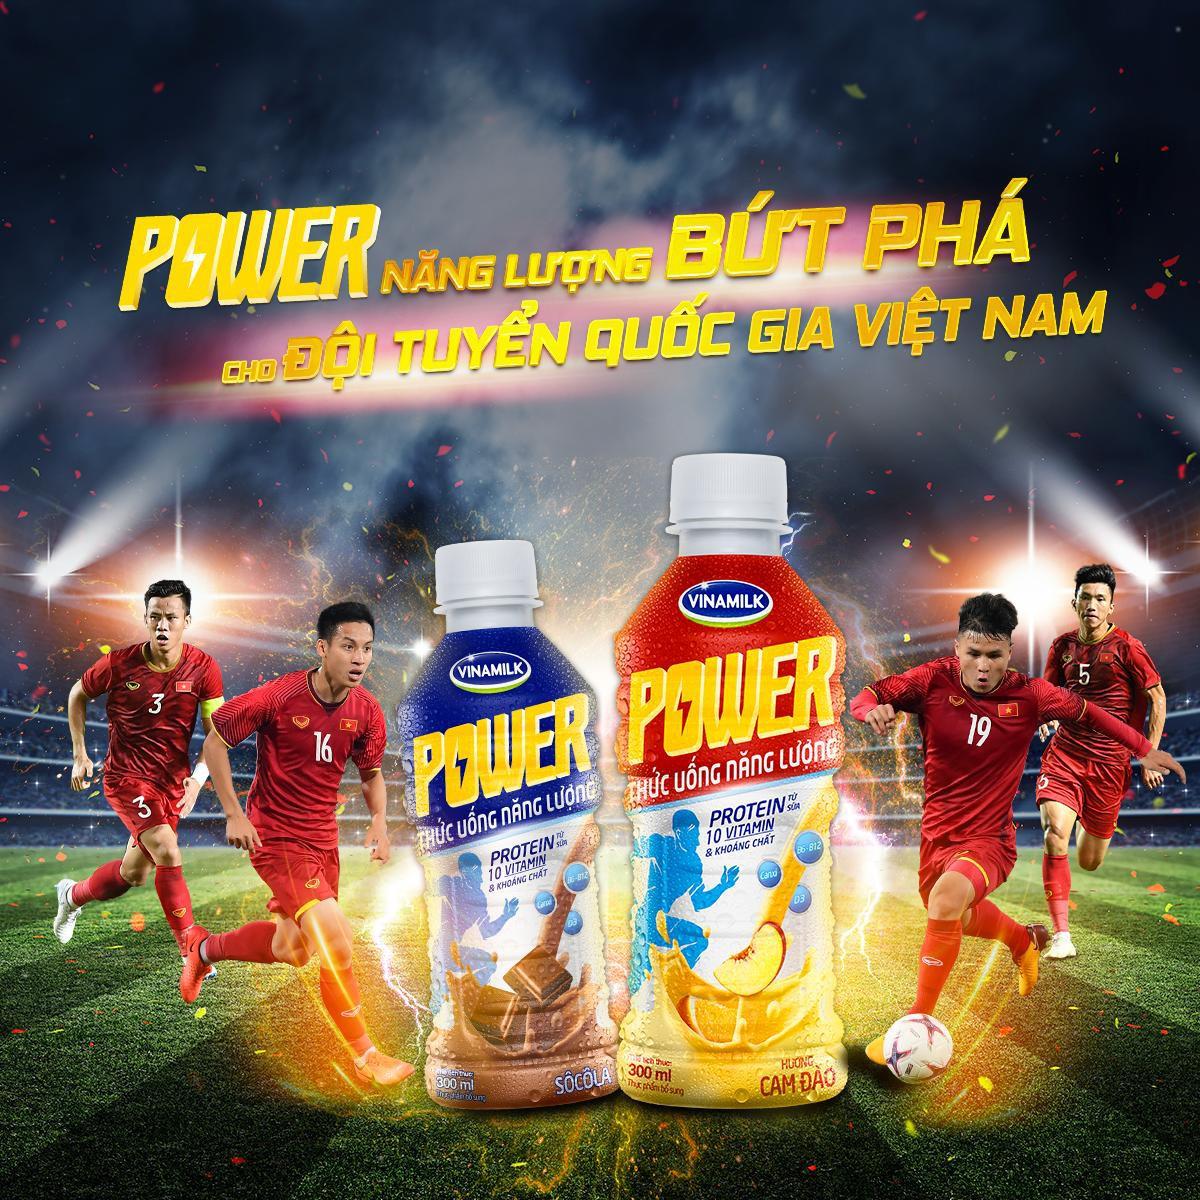 ĐT Việt Nam đấu Thái Lan: Tự tin bứt phá lập kỳ tích mới vòng loại thứ 2 giải bóng đá Vô địch Thế giới 2022 - Ảnh 2.